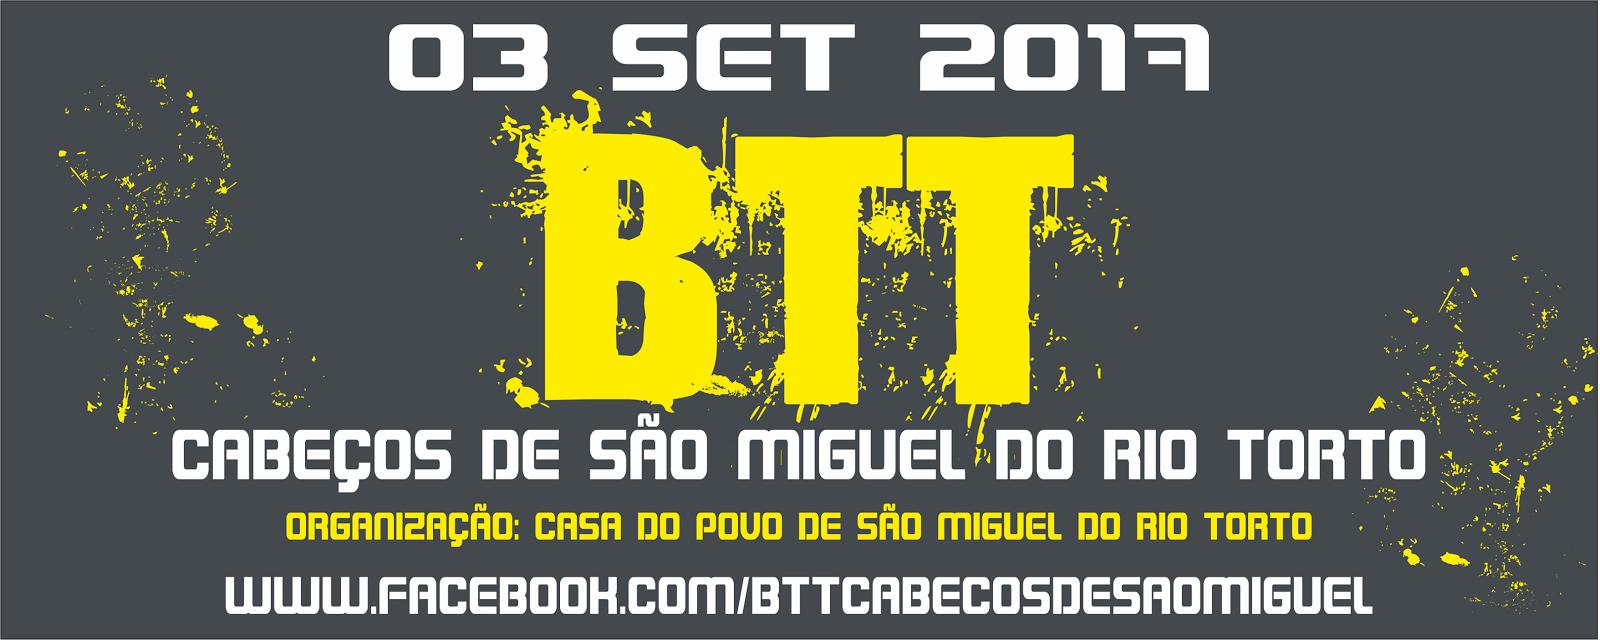 03SET * SÃO MIGUEL DO RIO TORTO